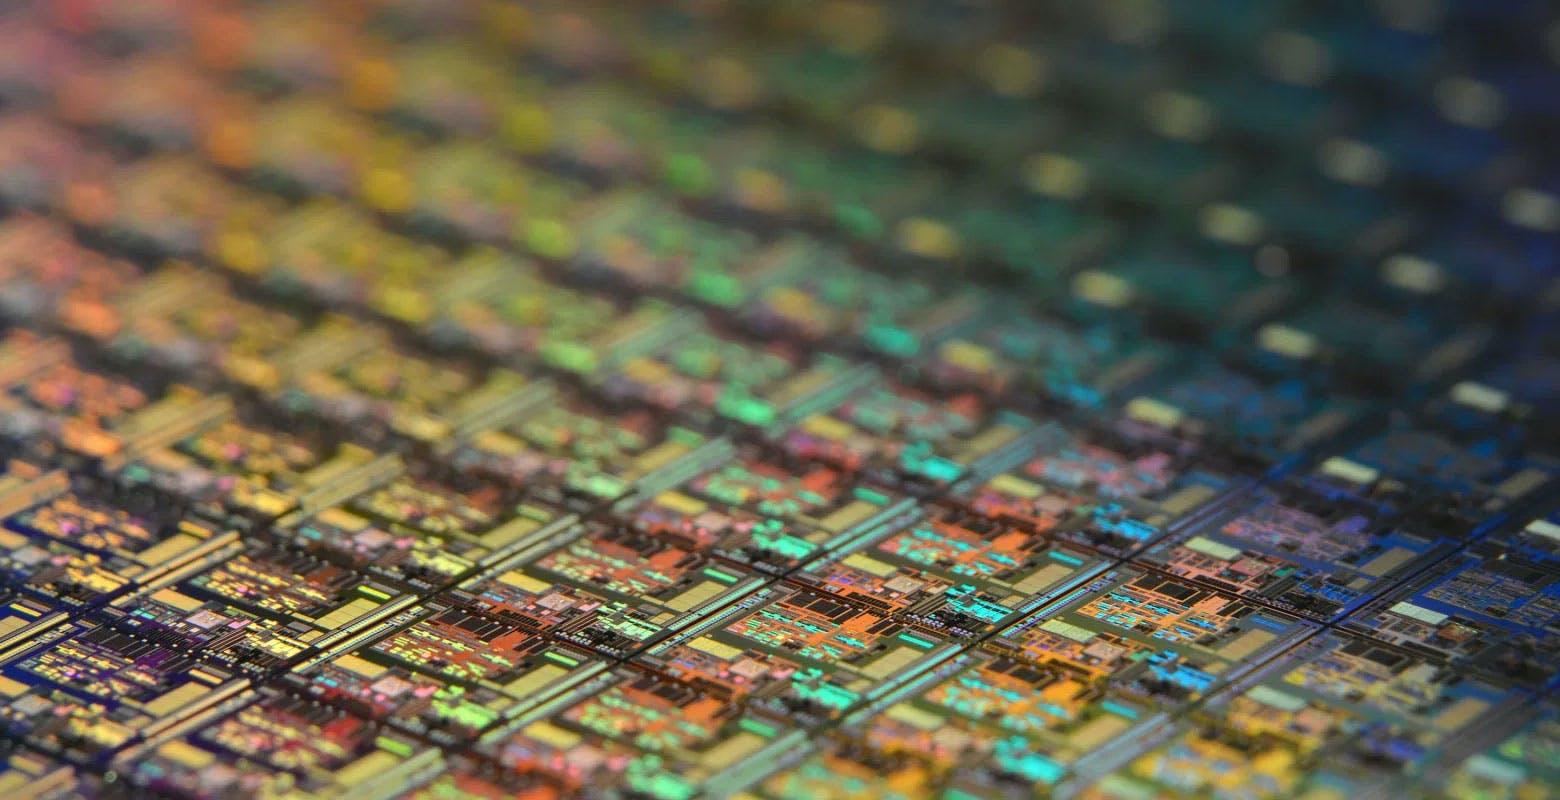 TSMC alza i prezzi dei processori fino al 20%. Possibili ripercussioni sui prodotti